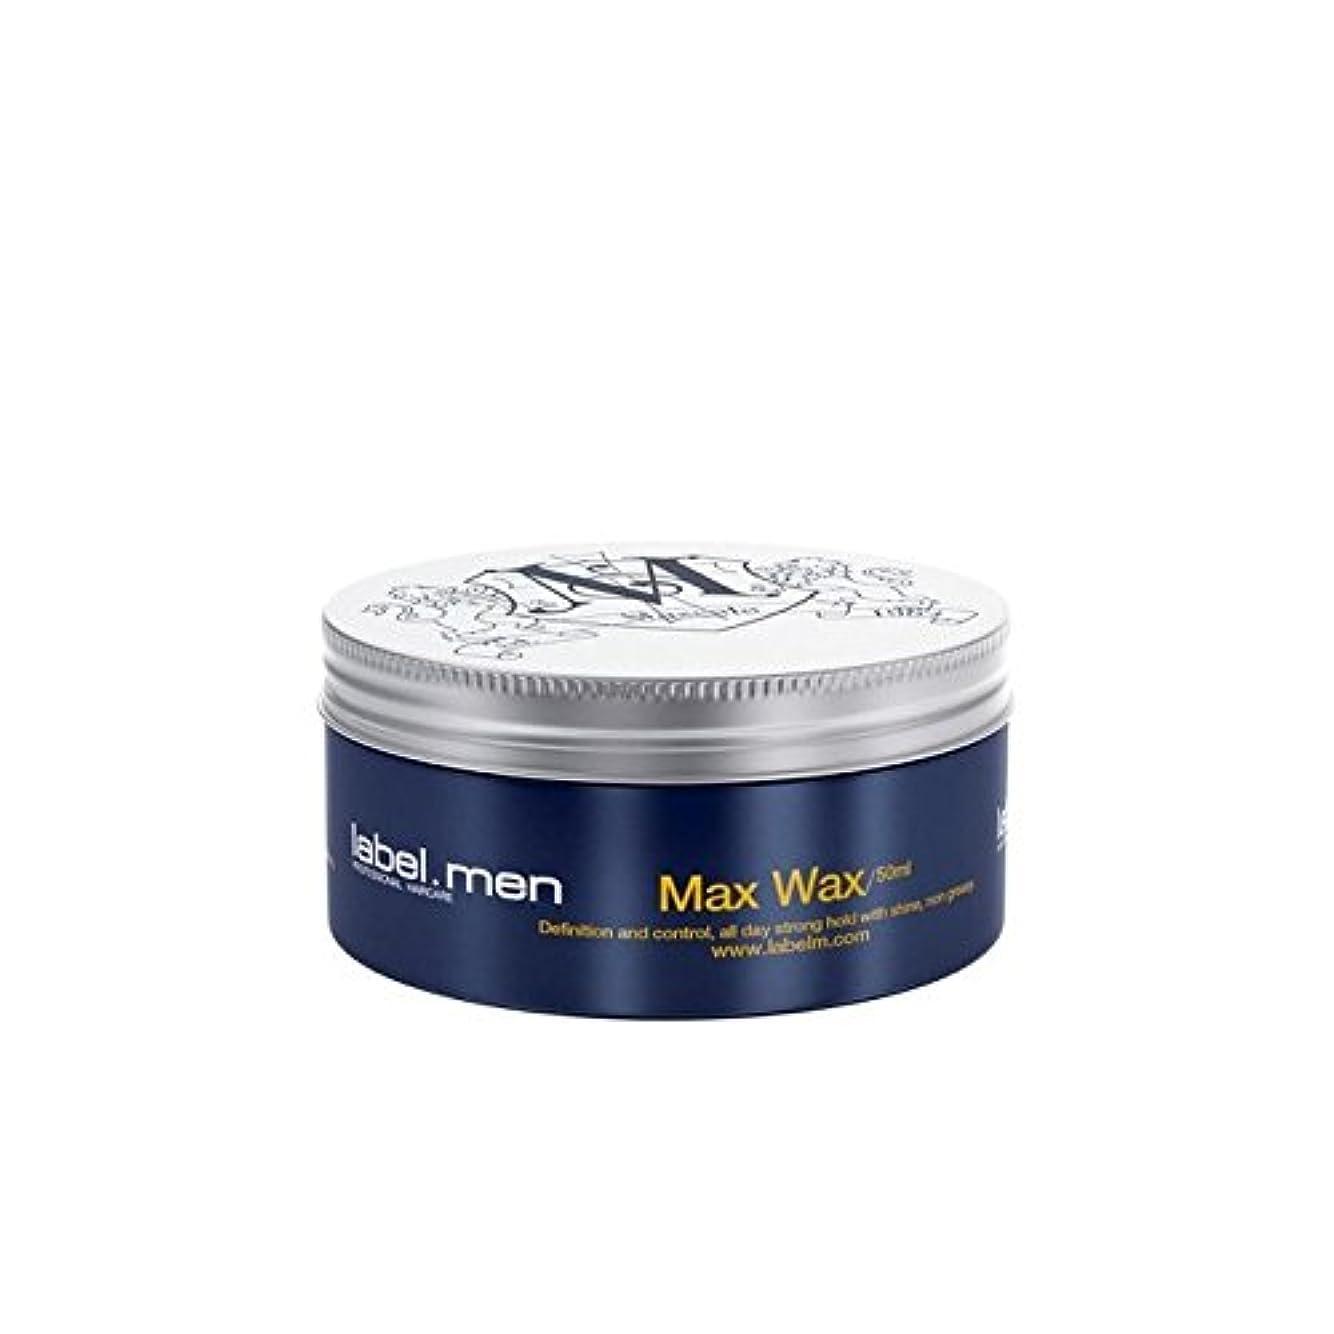 .マックスワックス(50ミリリットル) x4 - Label.Men Max Wax (50ml) (Pack of 4) [並行輸入品]